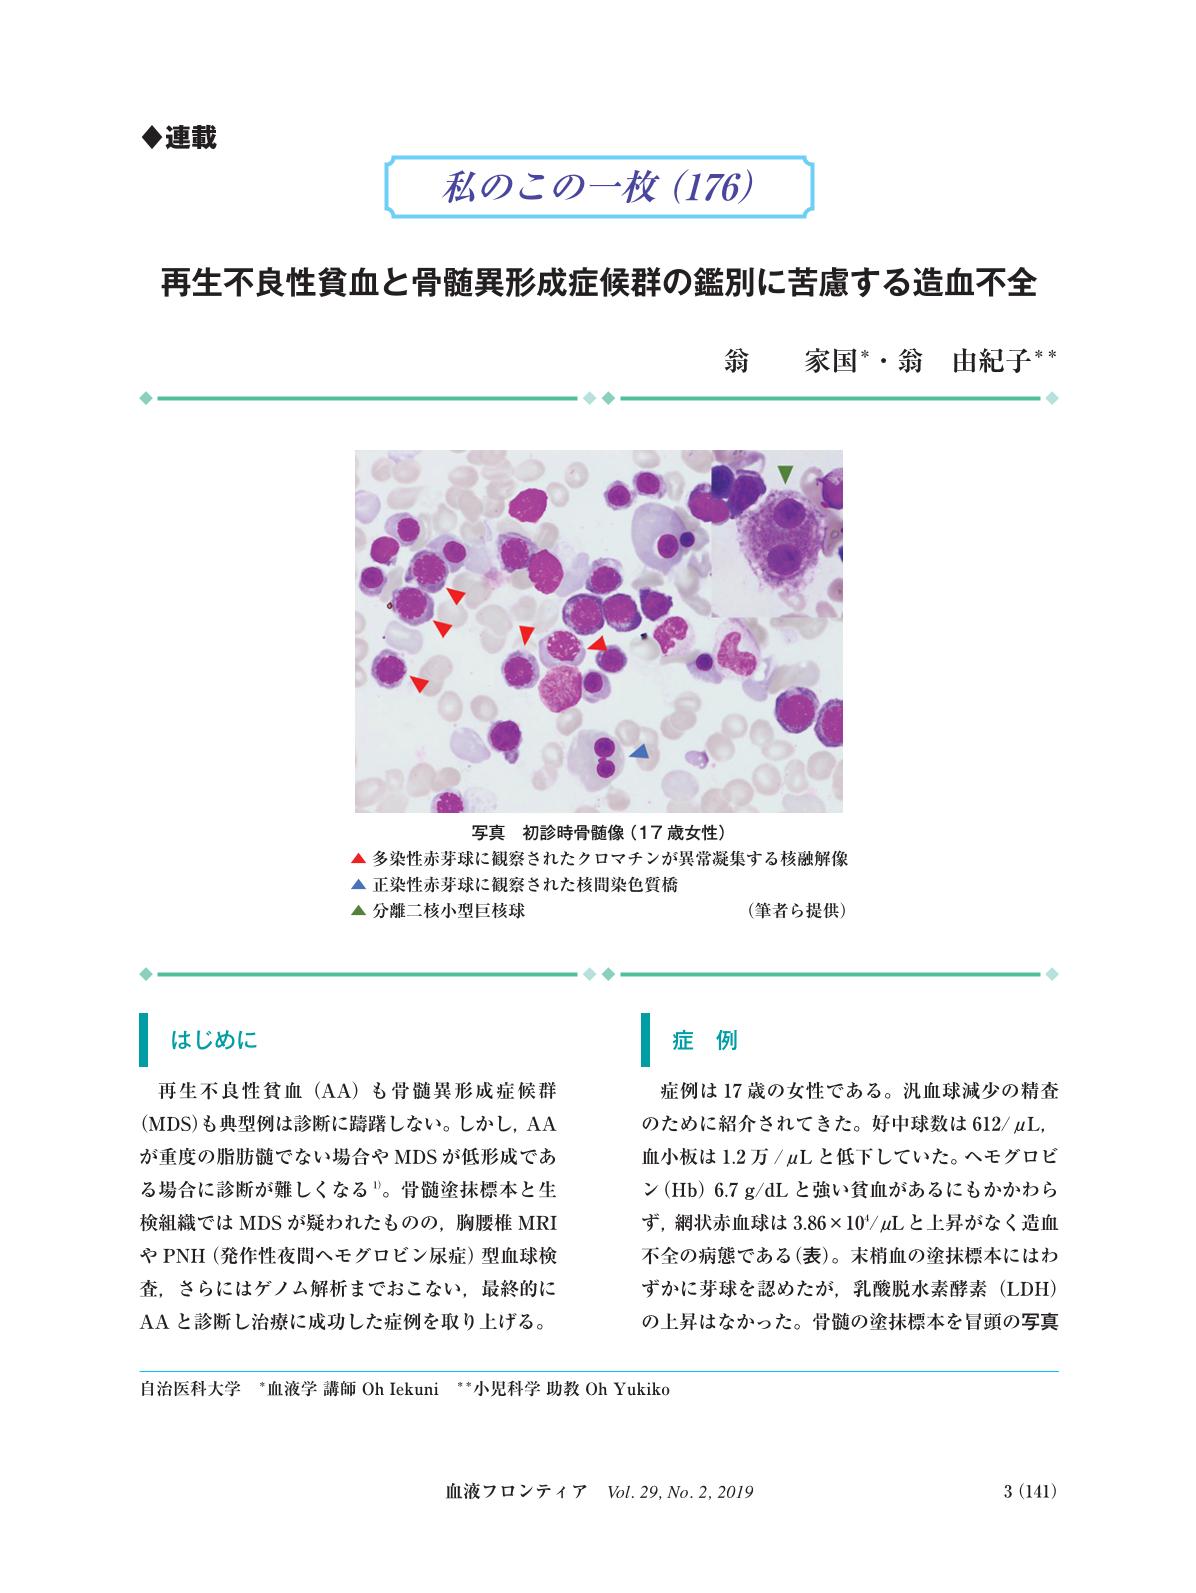 症候群 形成 骨髄 異 骨髄異形成症候群(MDS)の原因や症状とは? 高齢者に多い血液の病気